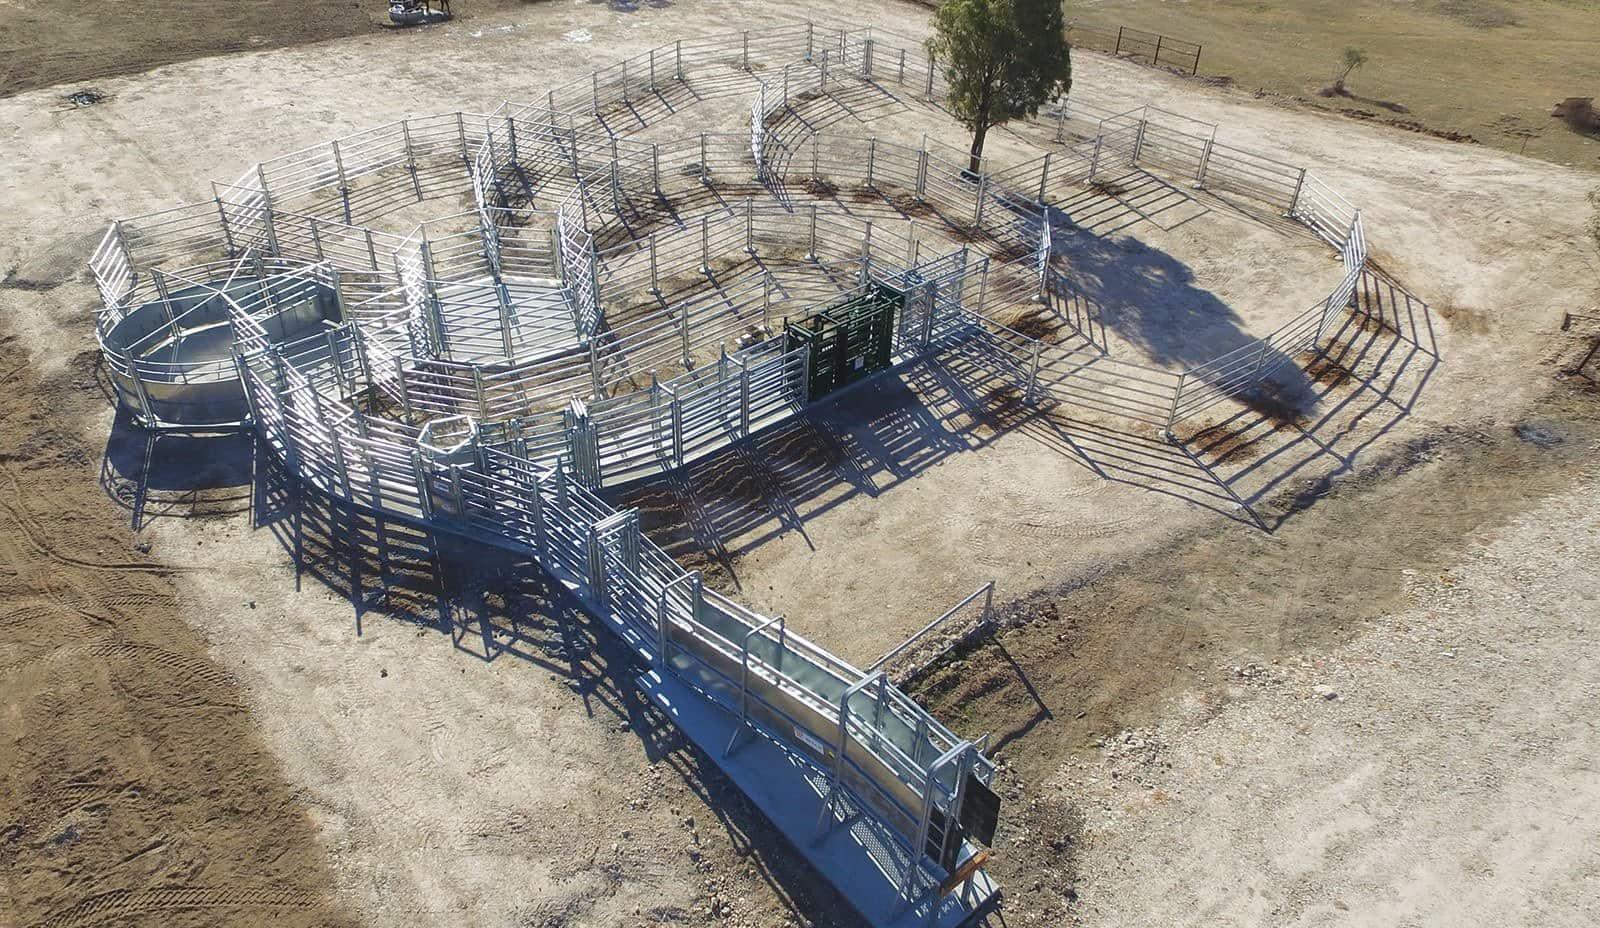 Arrowquip Livestock Handling Equipment